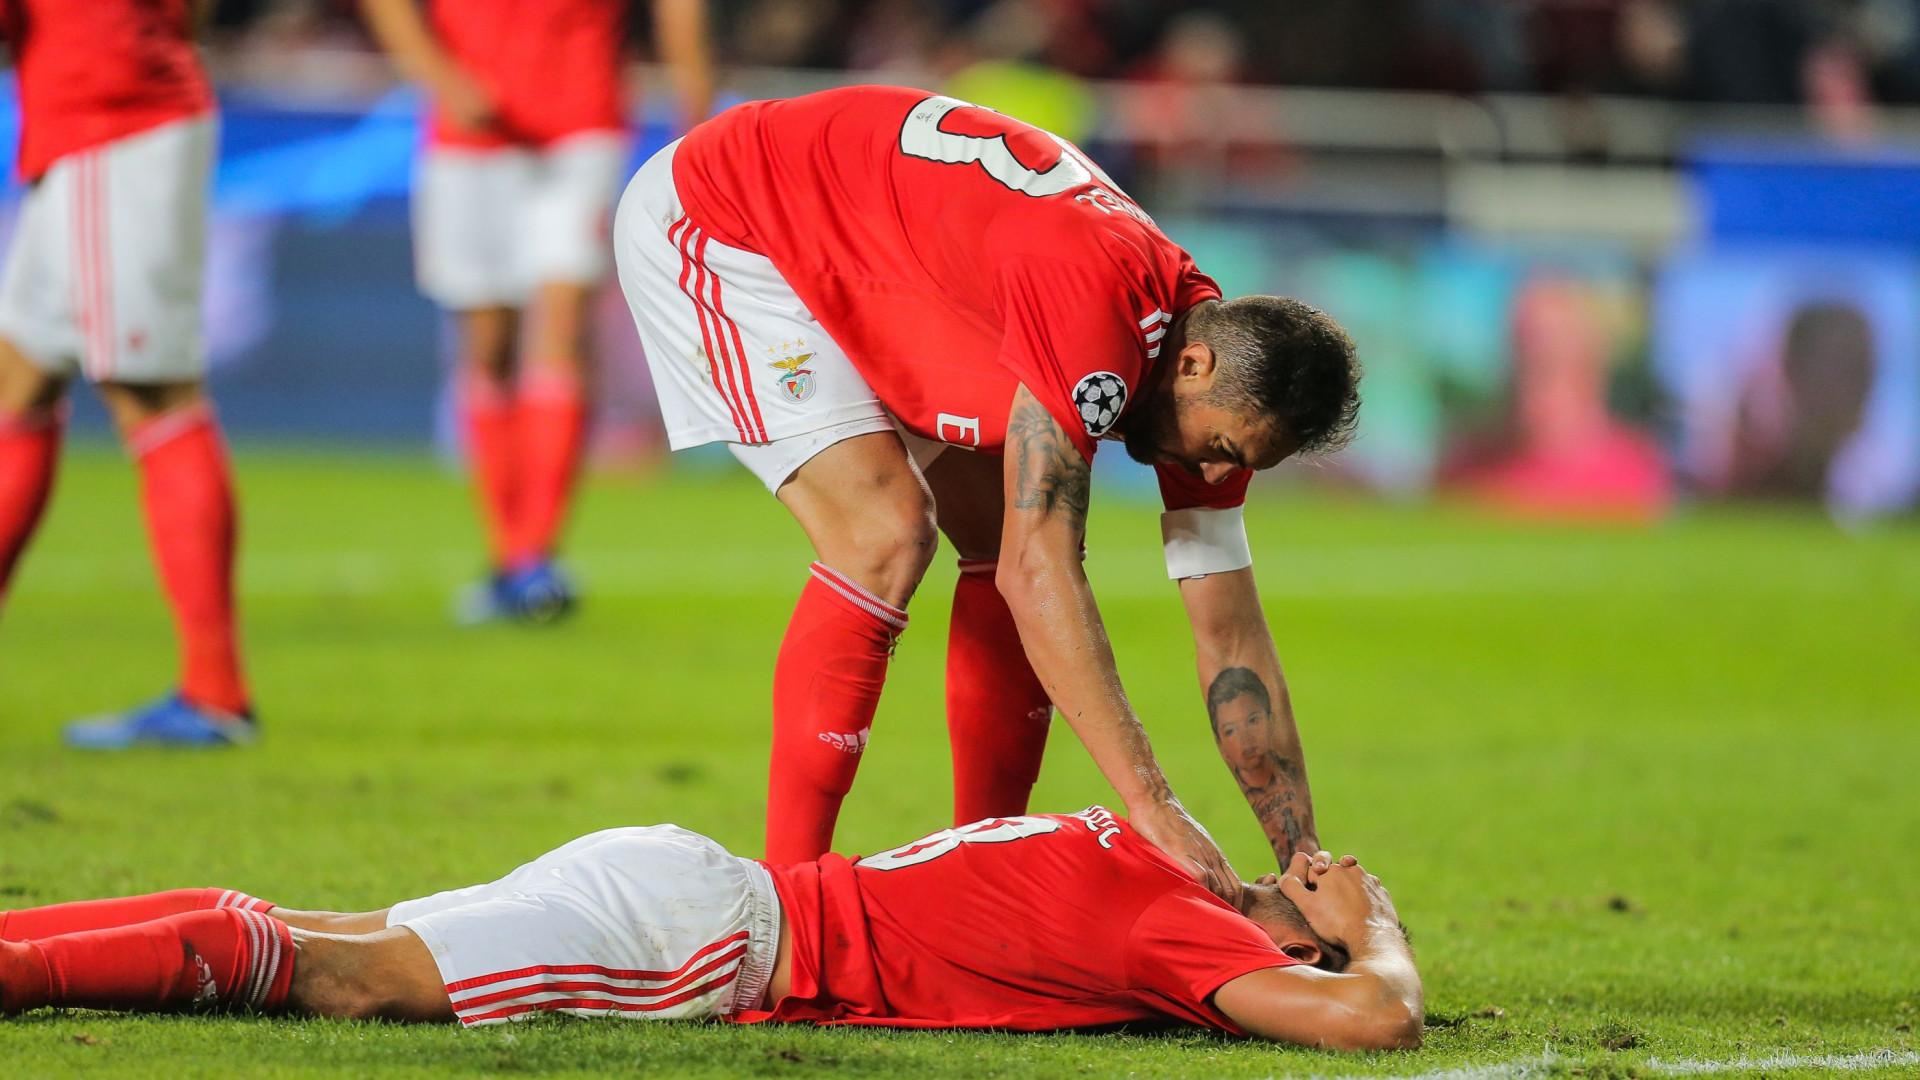 Empate na Champions dita 'tombo' das ações do Benfica. Deslizam 6%